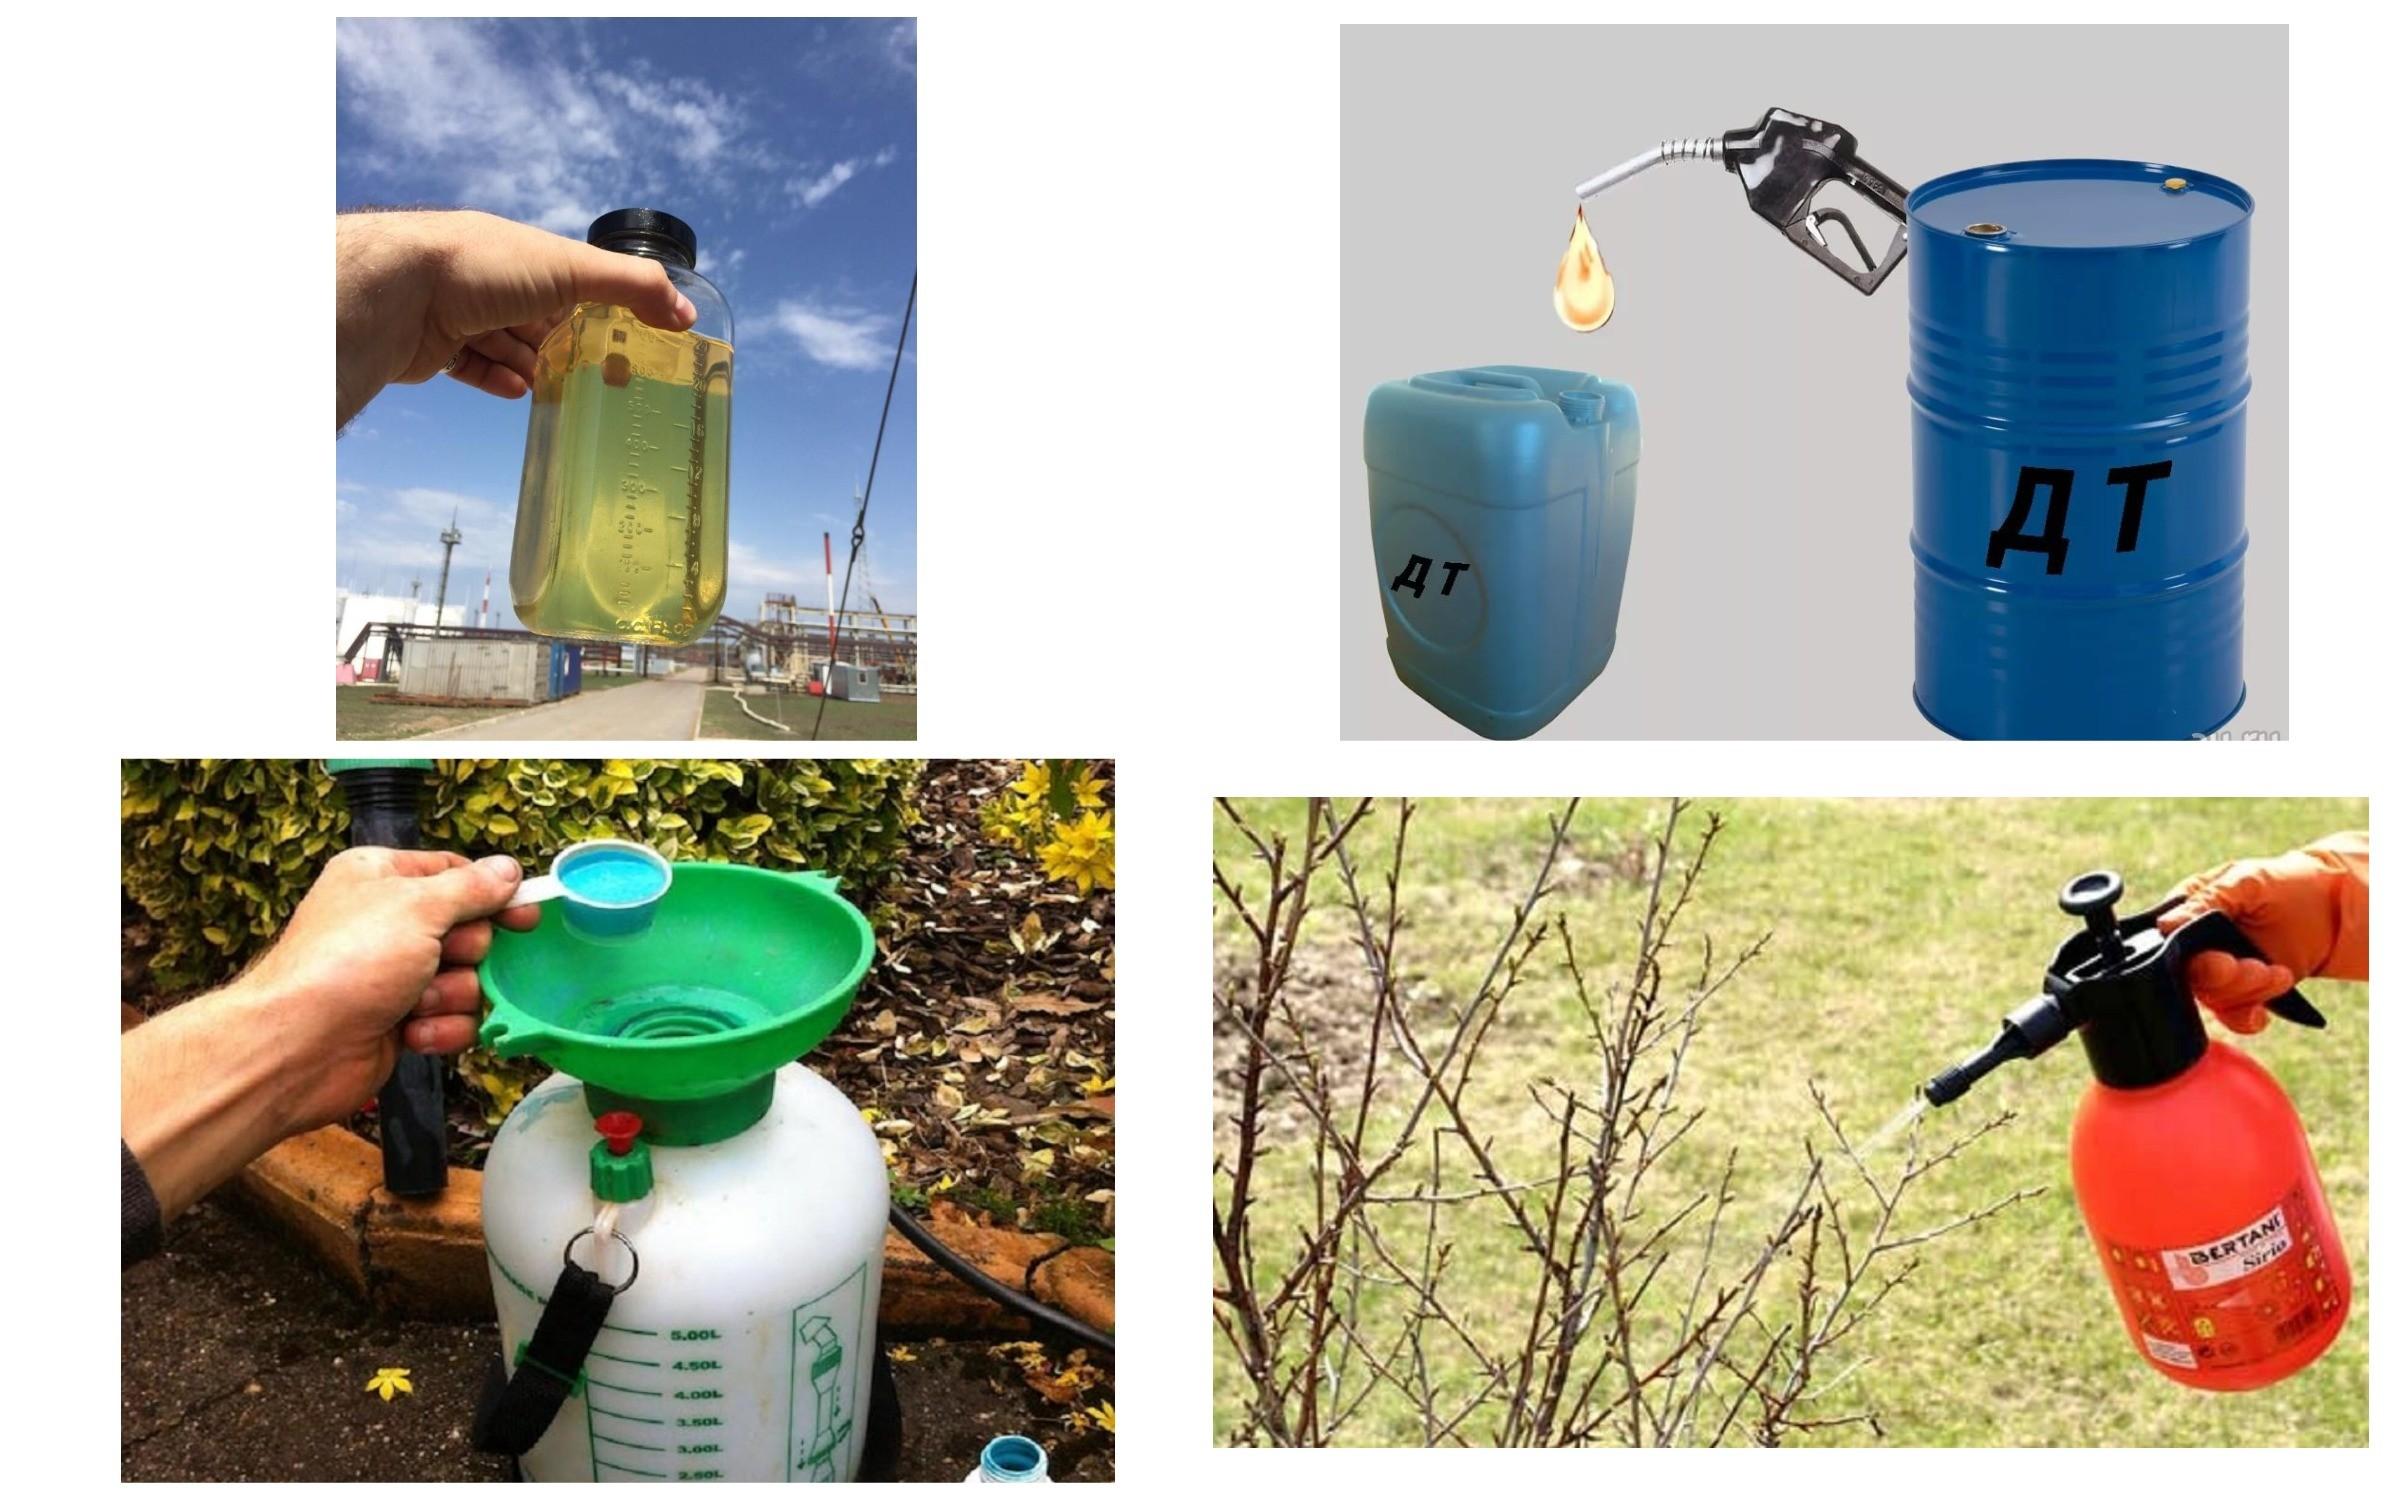 изображение опрыскивания соляркой деревьев